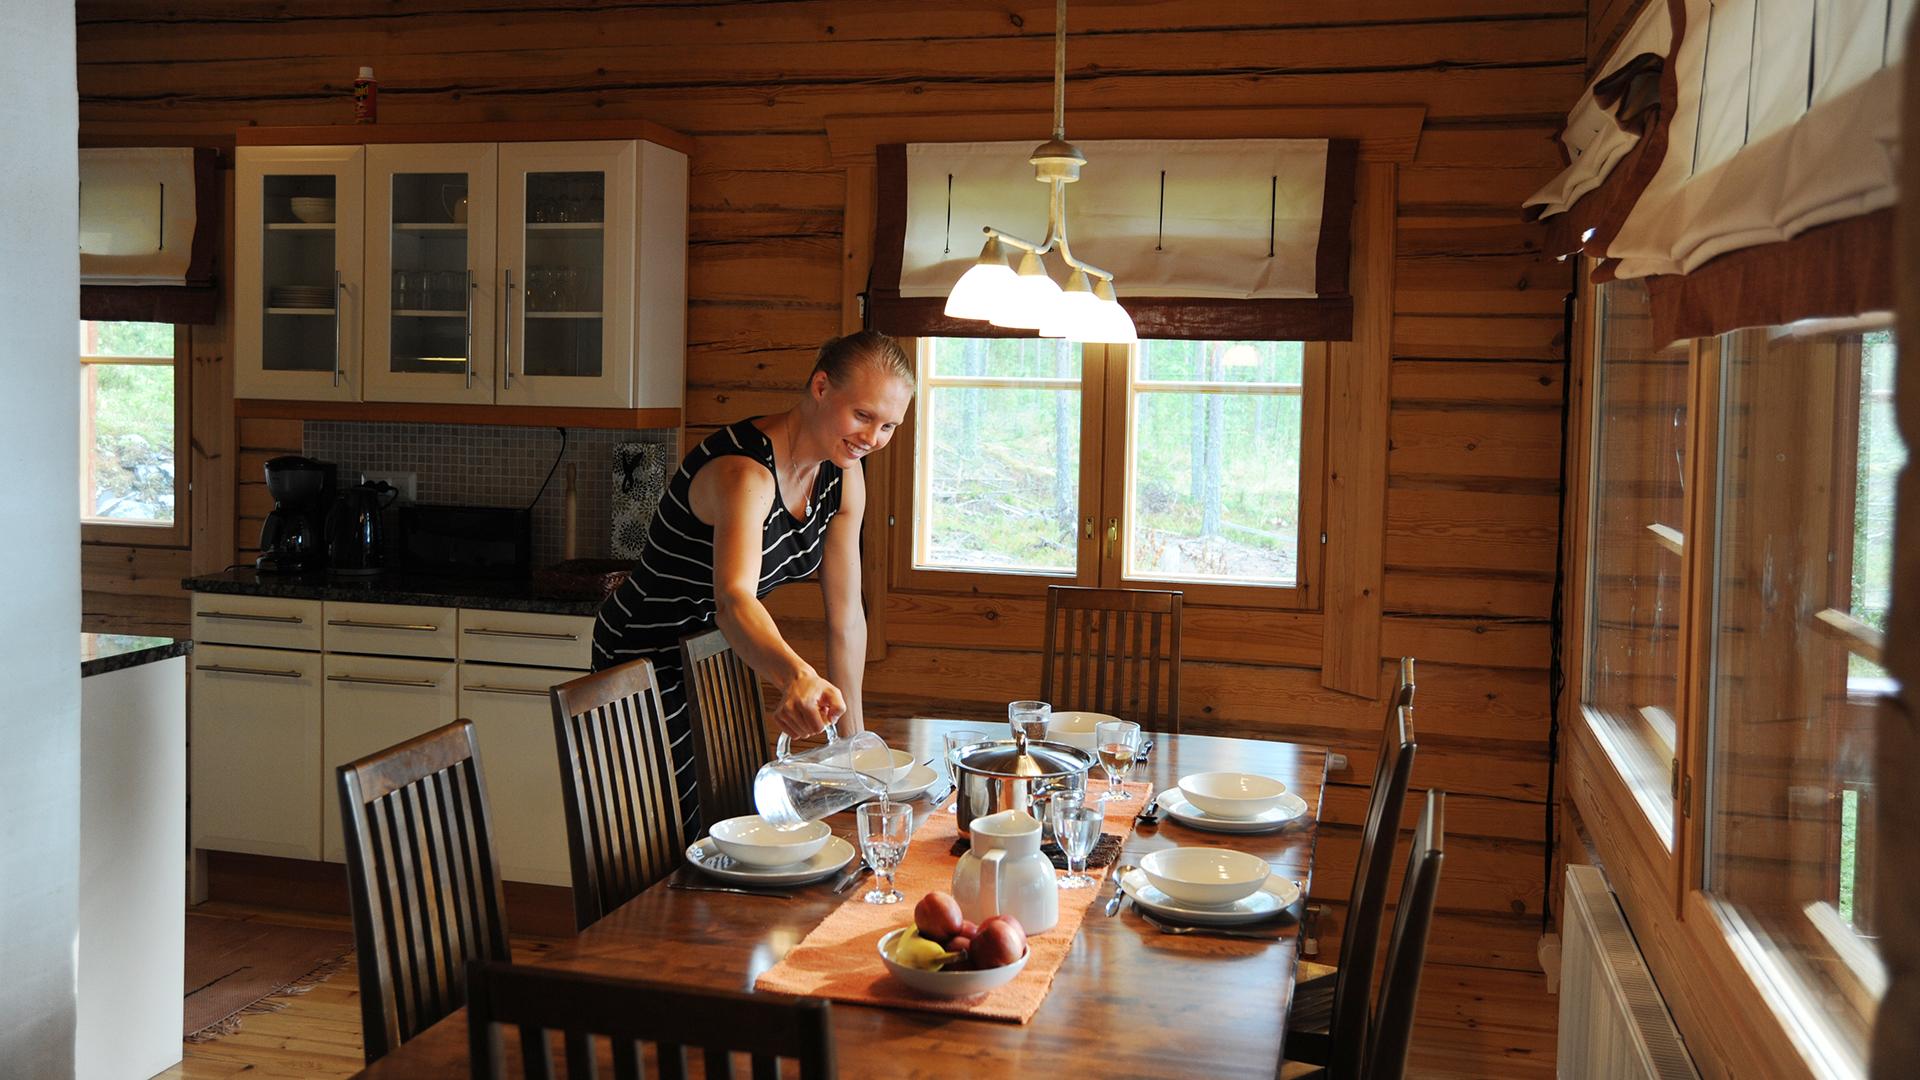 Lokkero - Das zu vermietende Ferienhaus Lokkero aus Massiv-Holz am Saimaa See in Mikkeli